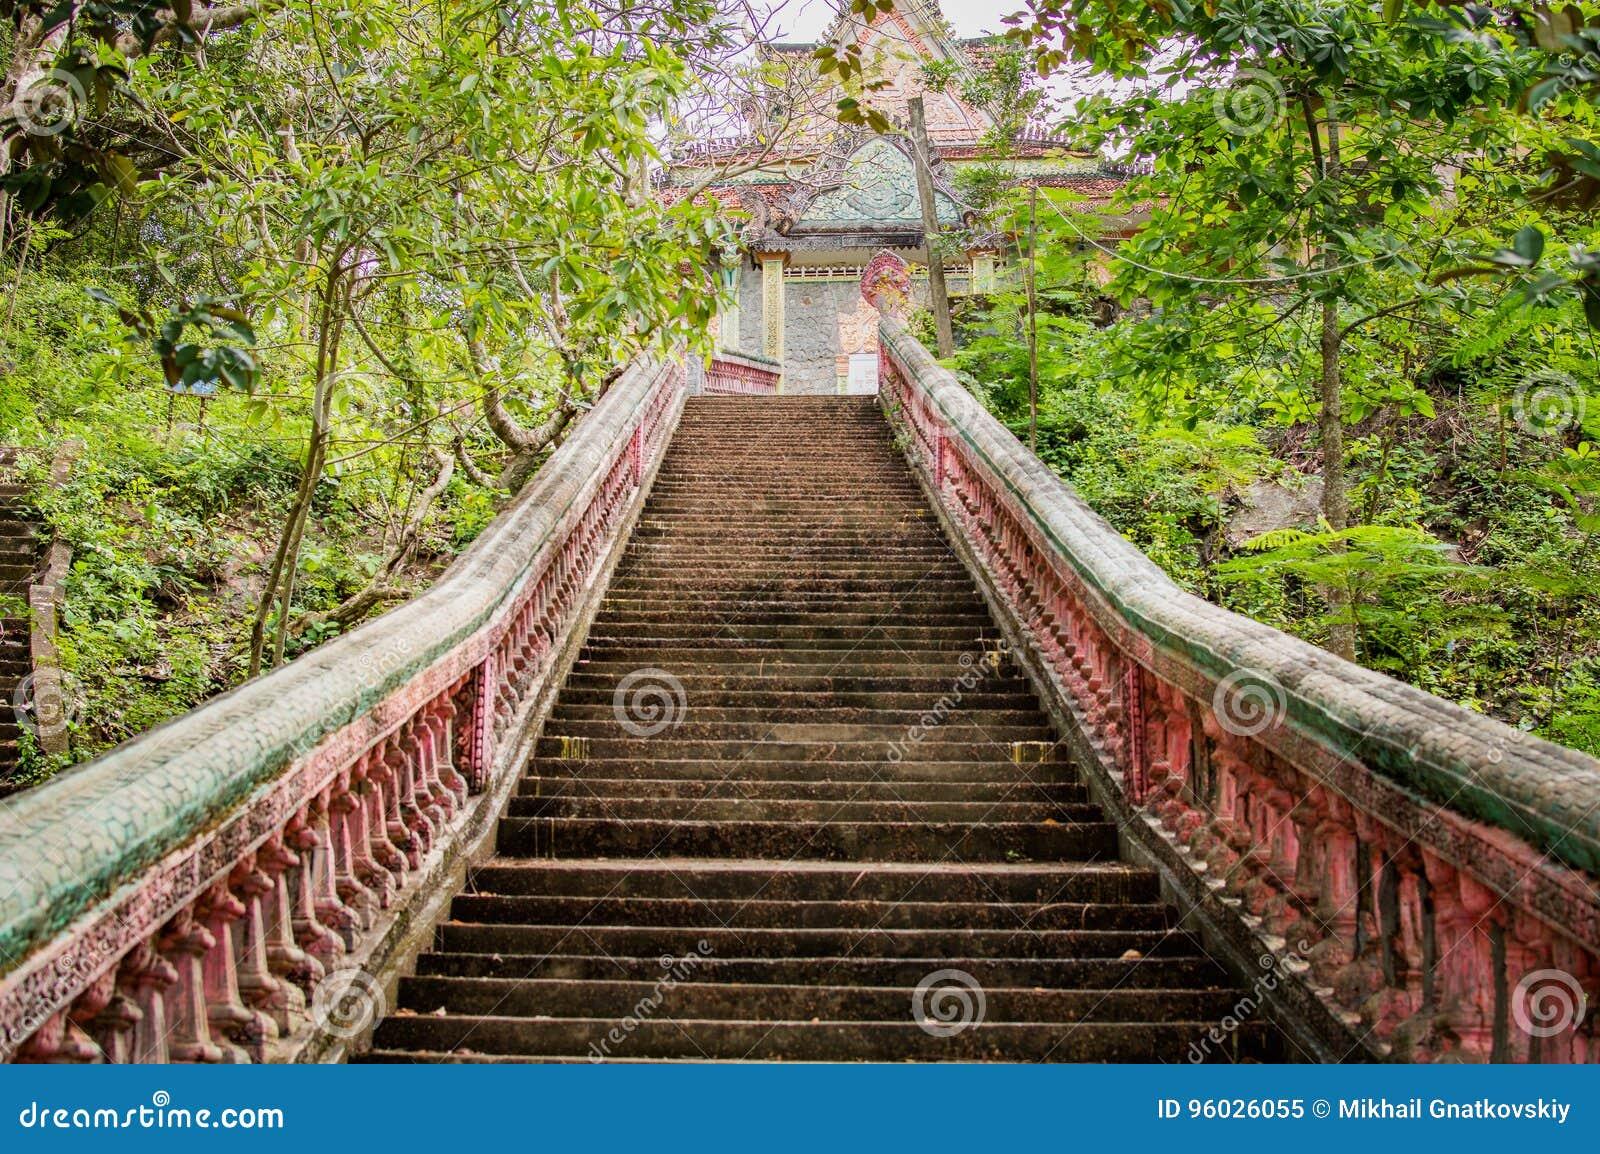 Schody iść do buddyjskiej świątyni w dżungla lesie